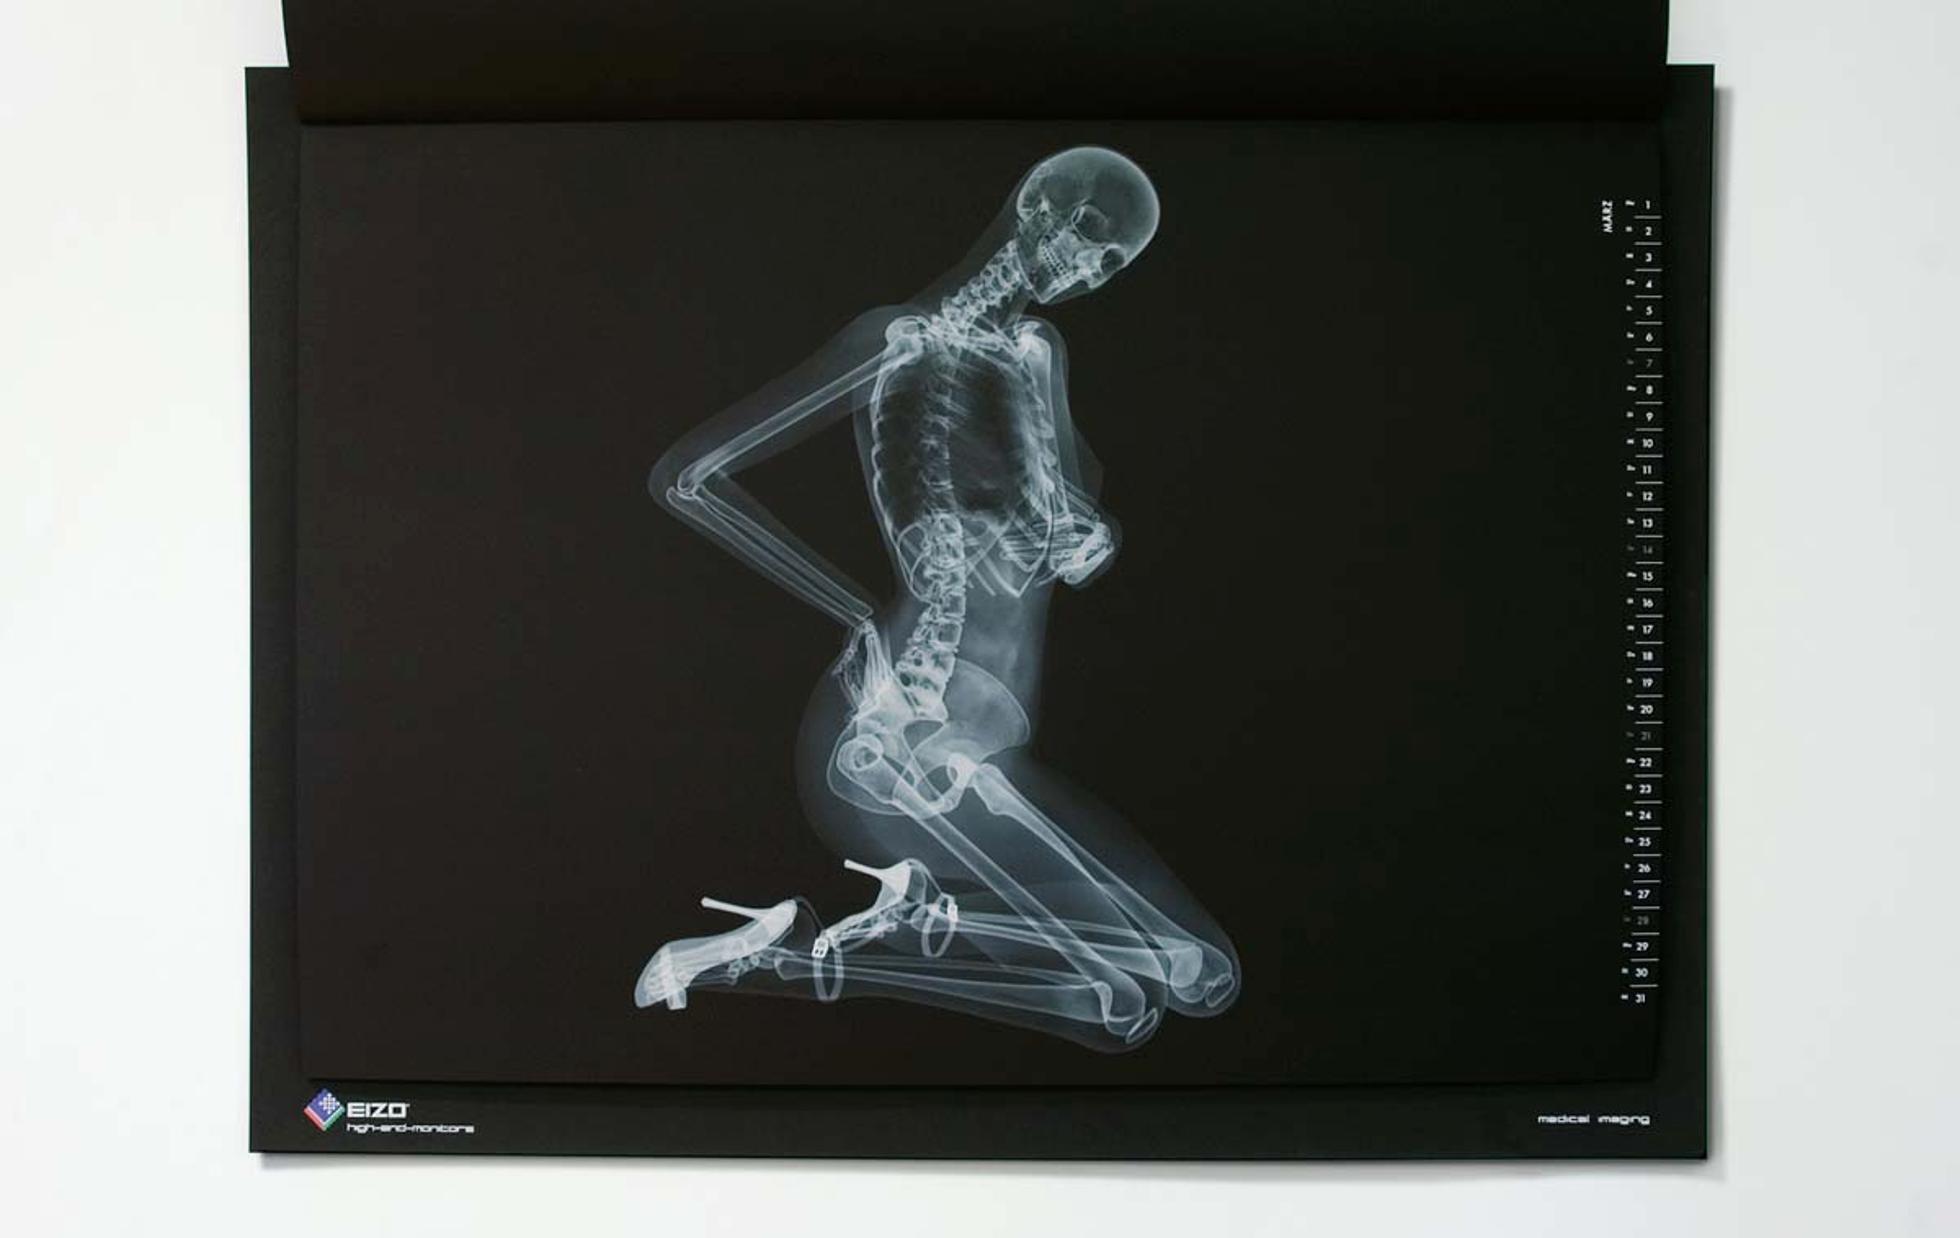 Фото рентген прикольные порно, порнуха рабочие дни порнозвезды